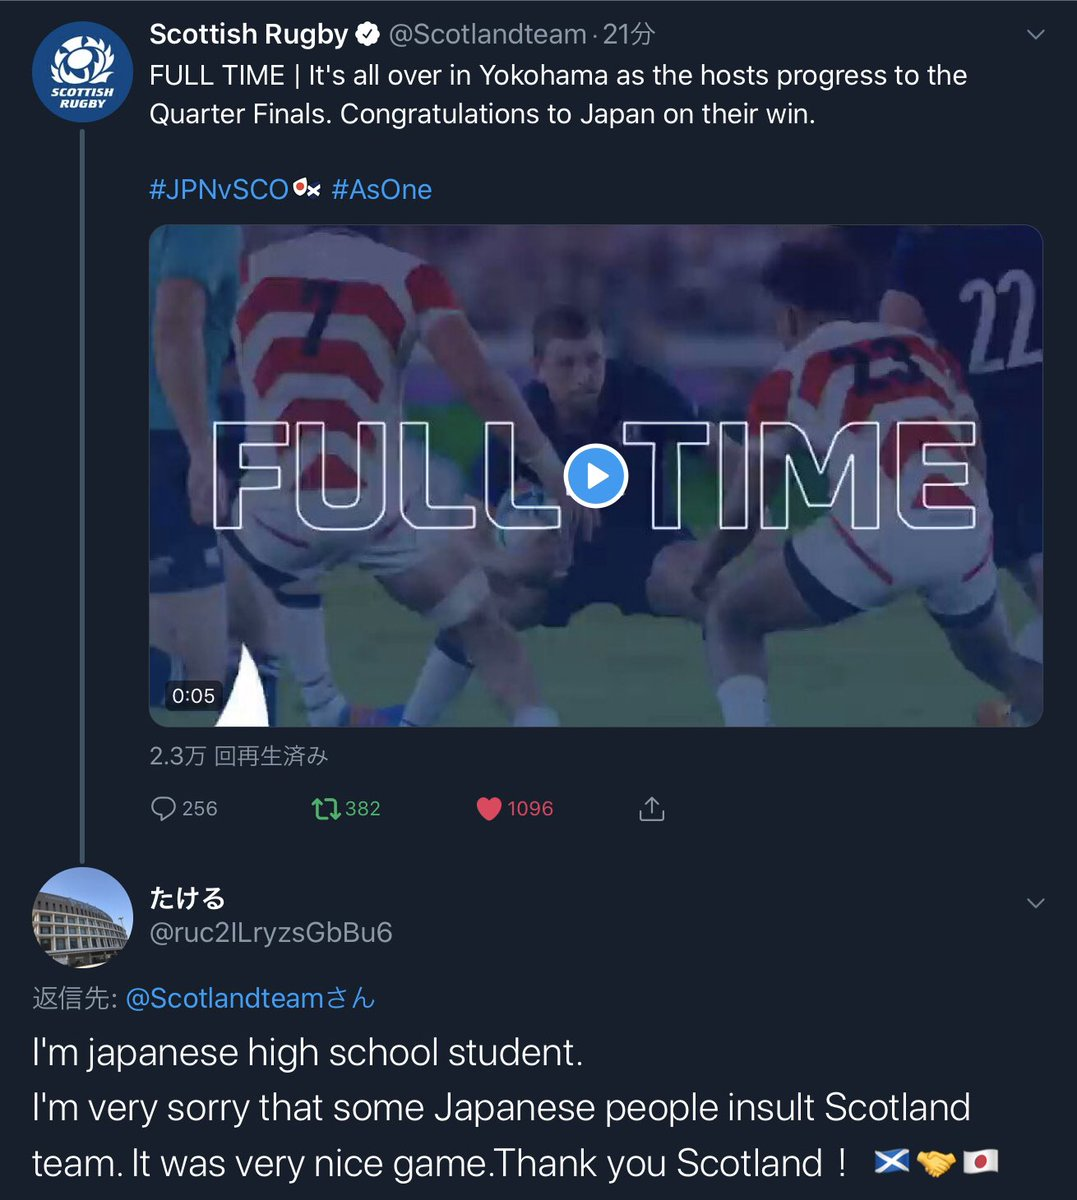 日本の高校生はスコットランドのラグビー協会に「日本人が酷いこと言ってごめんねみなさん」とツイートしたらスコットランドの方々が「気にすんな!」「日本はいいチームだ!」「謝ることじゃない!」と激励してくれてるの清々しいね。